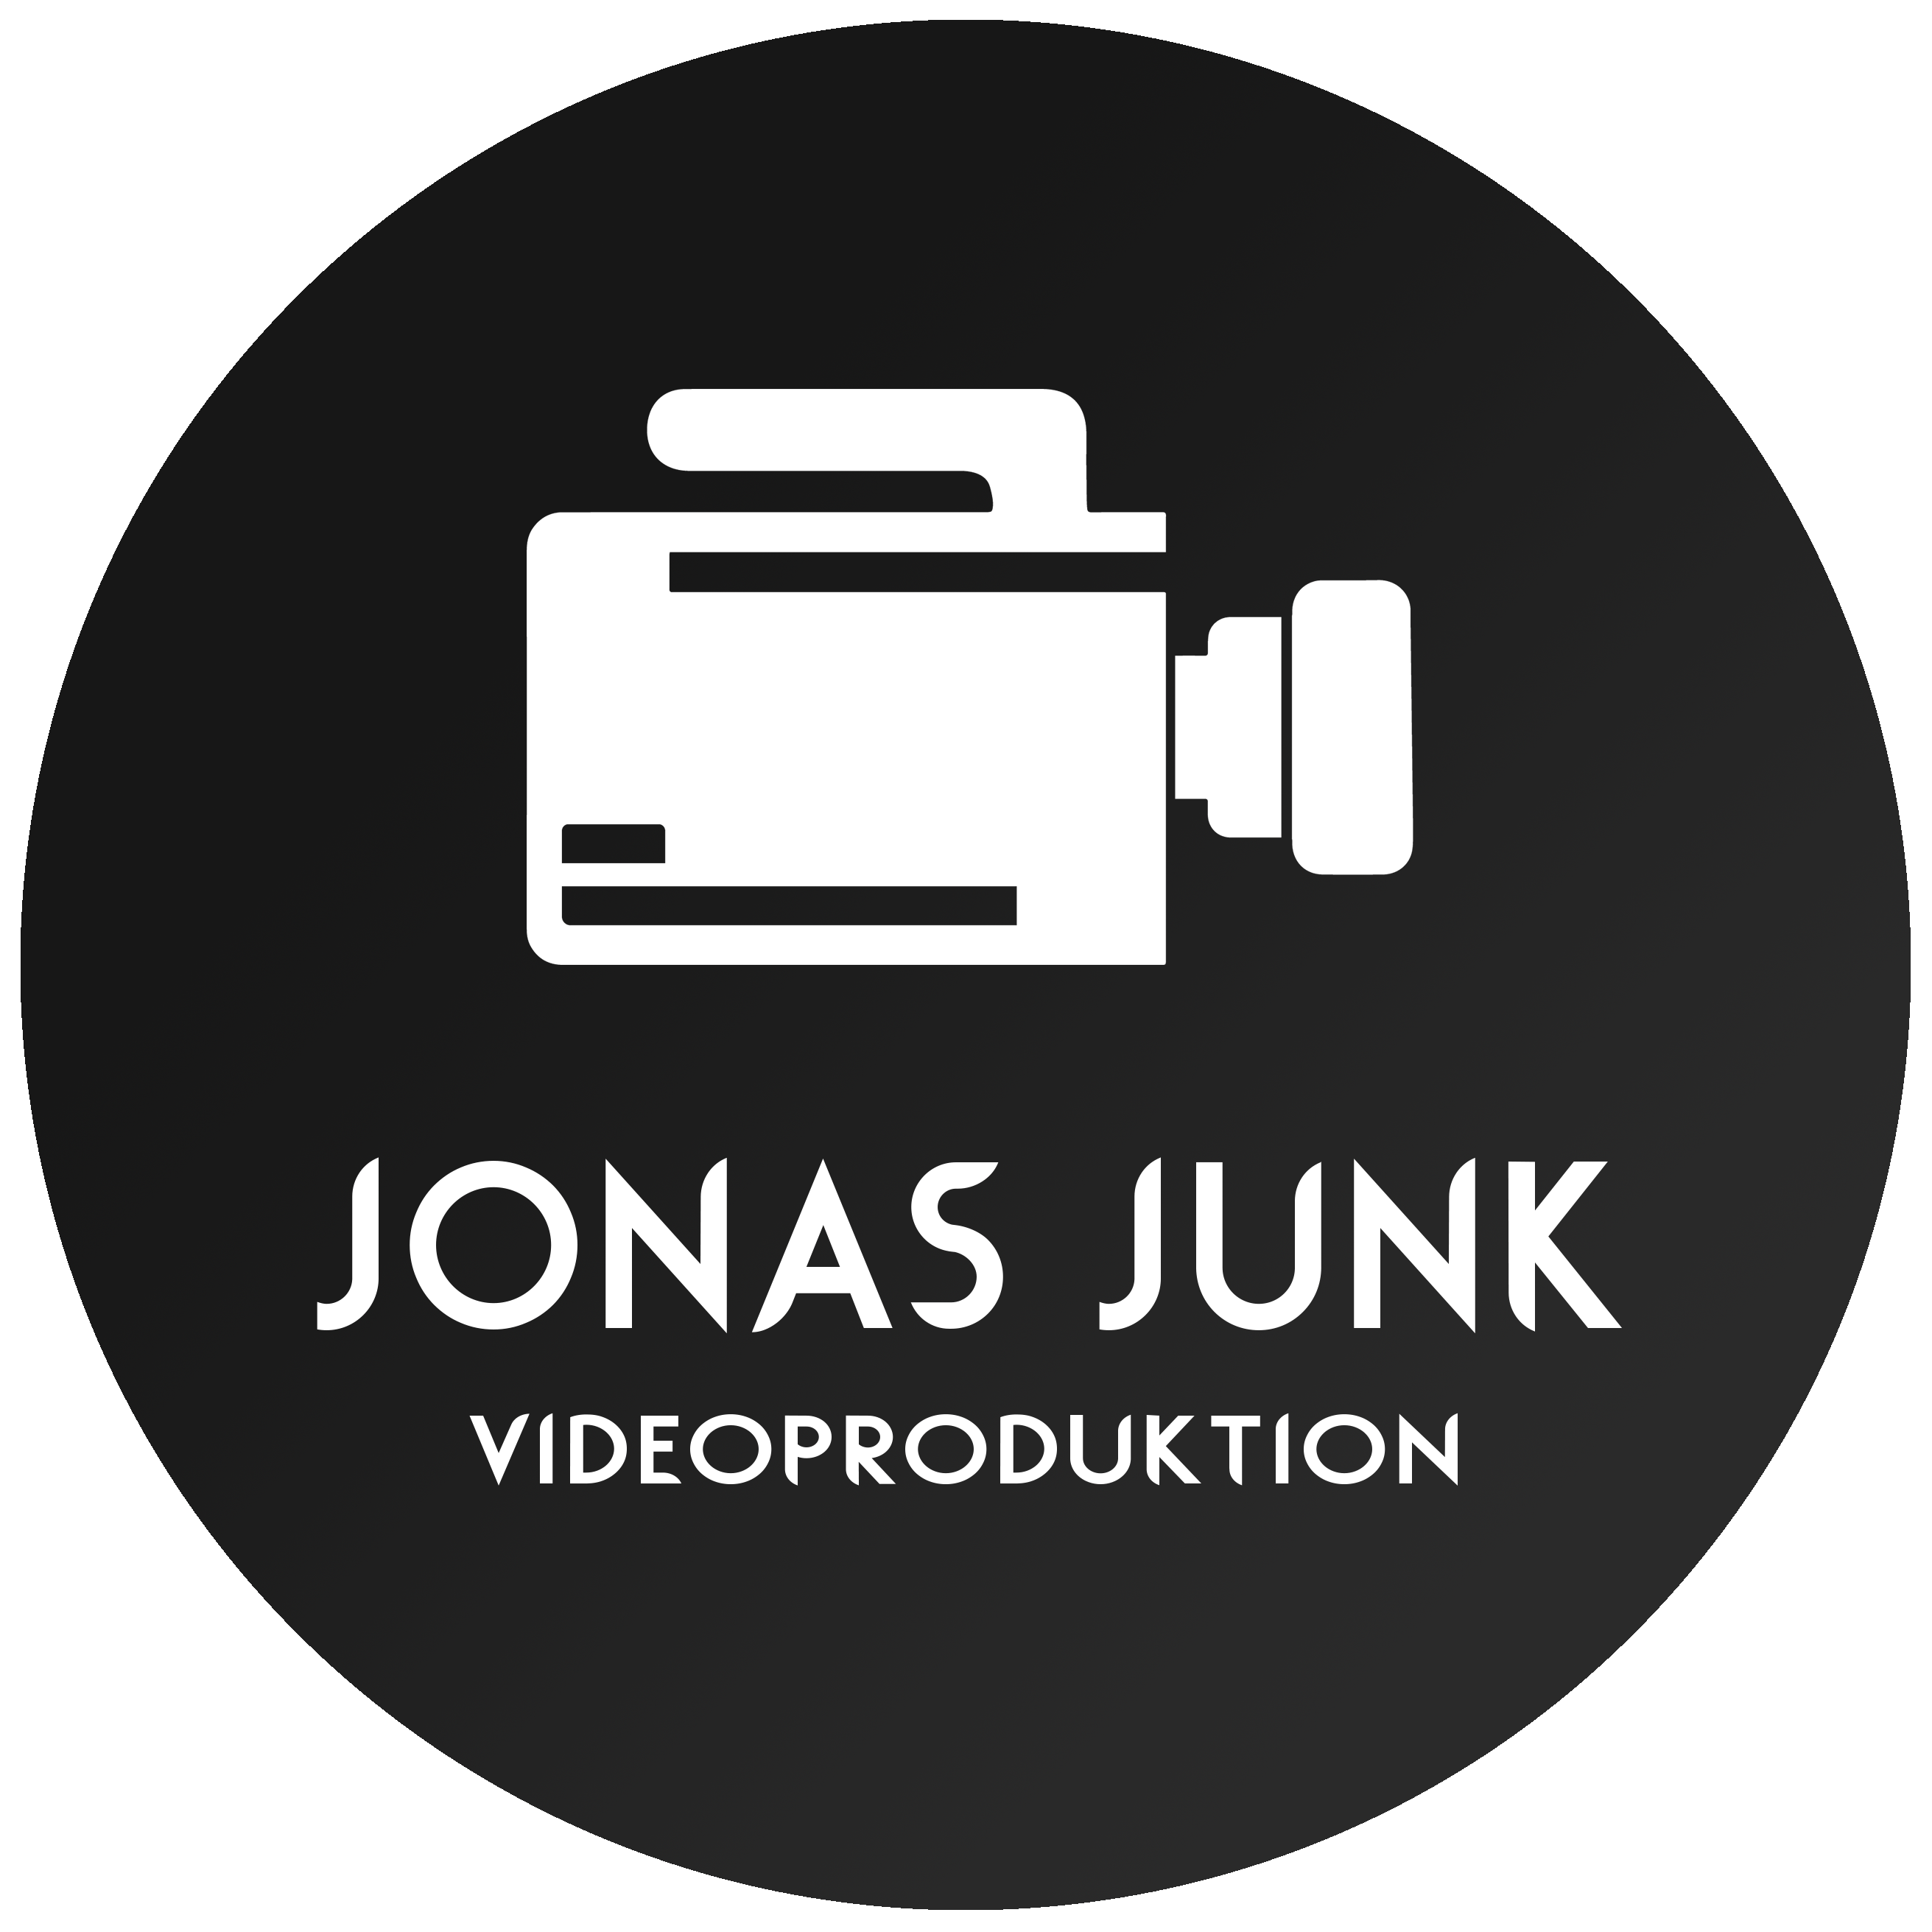 Jonas Junk